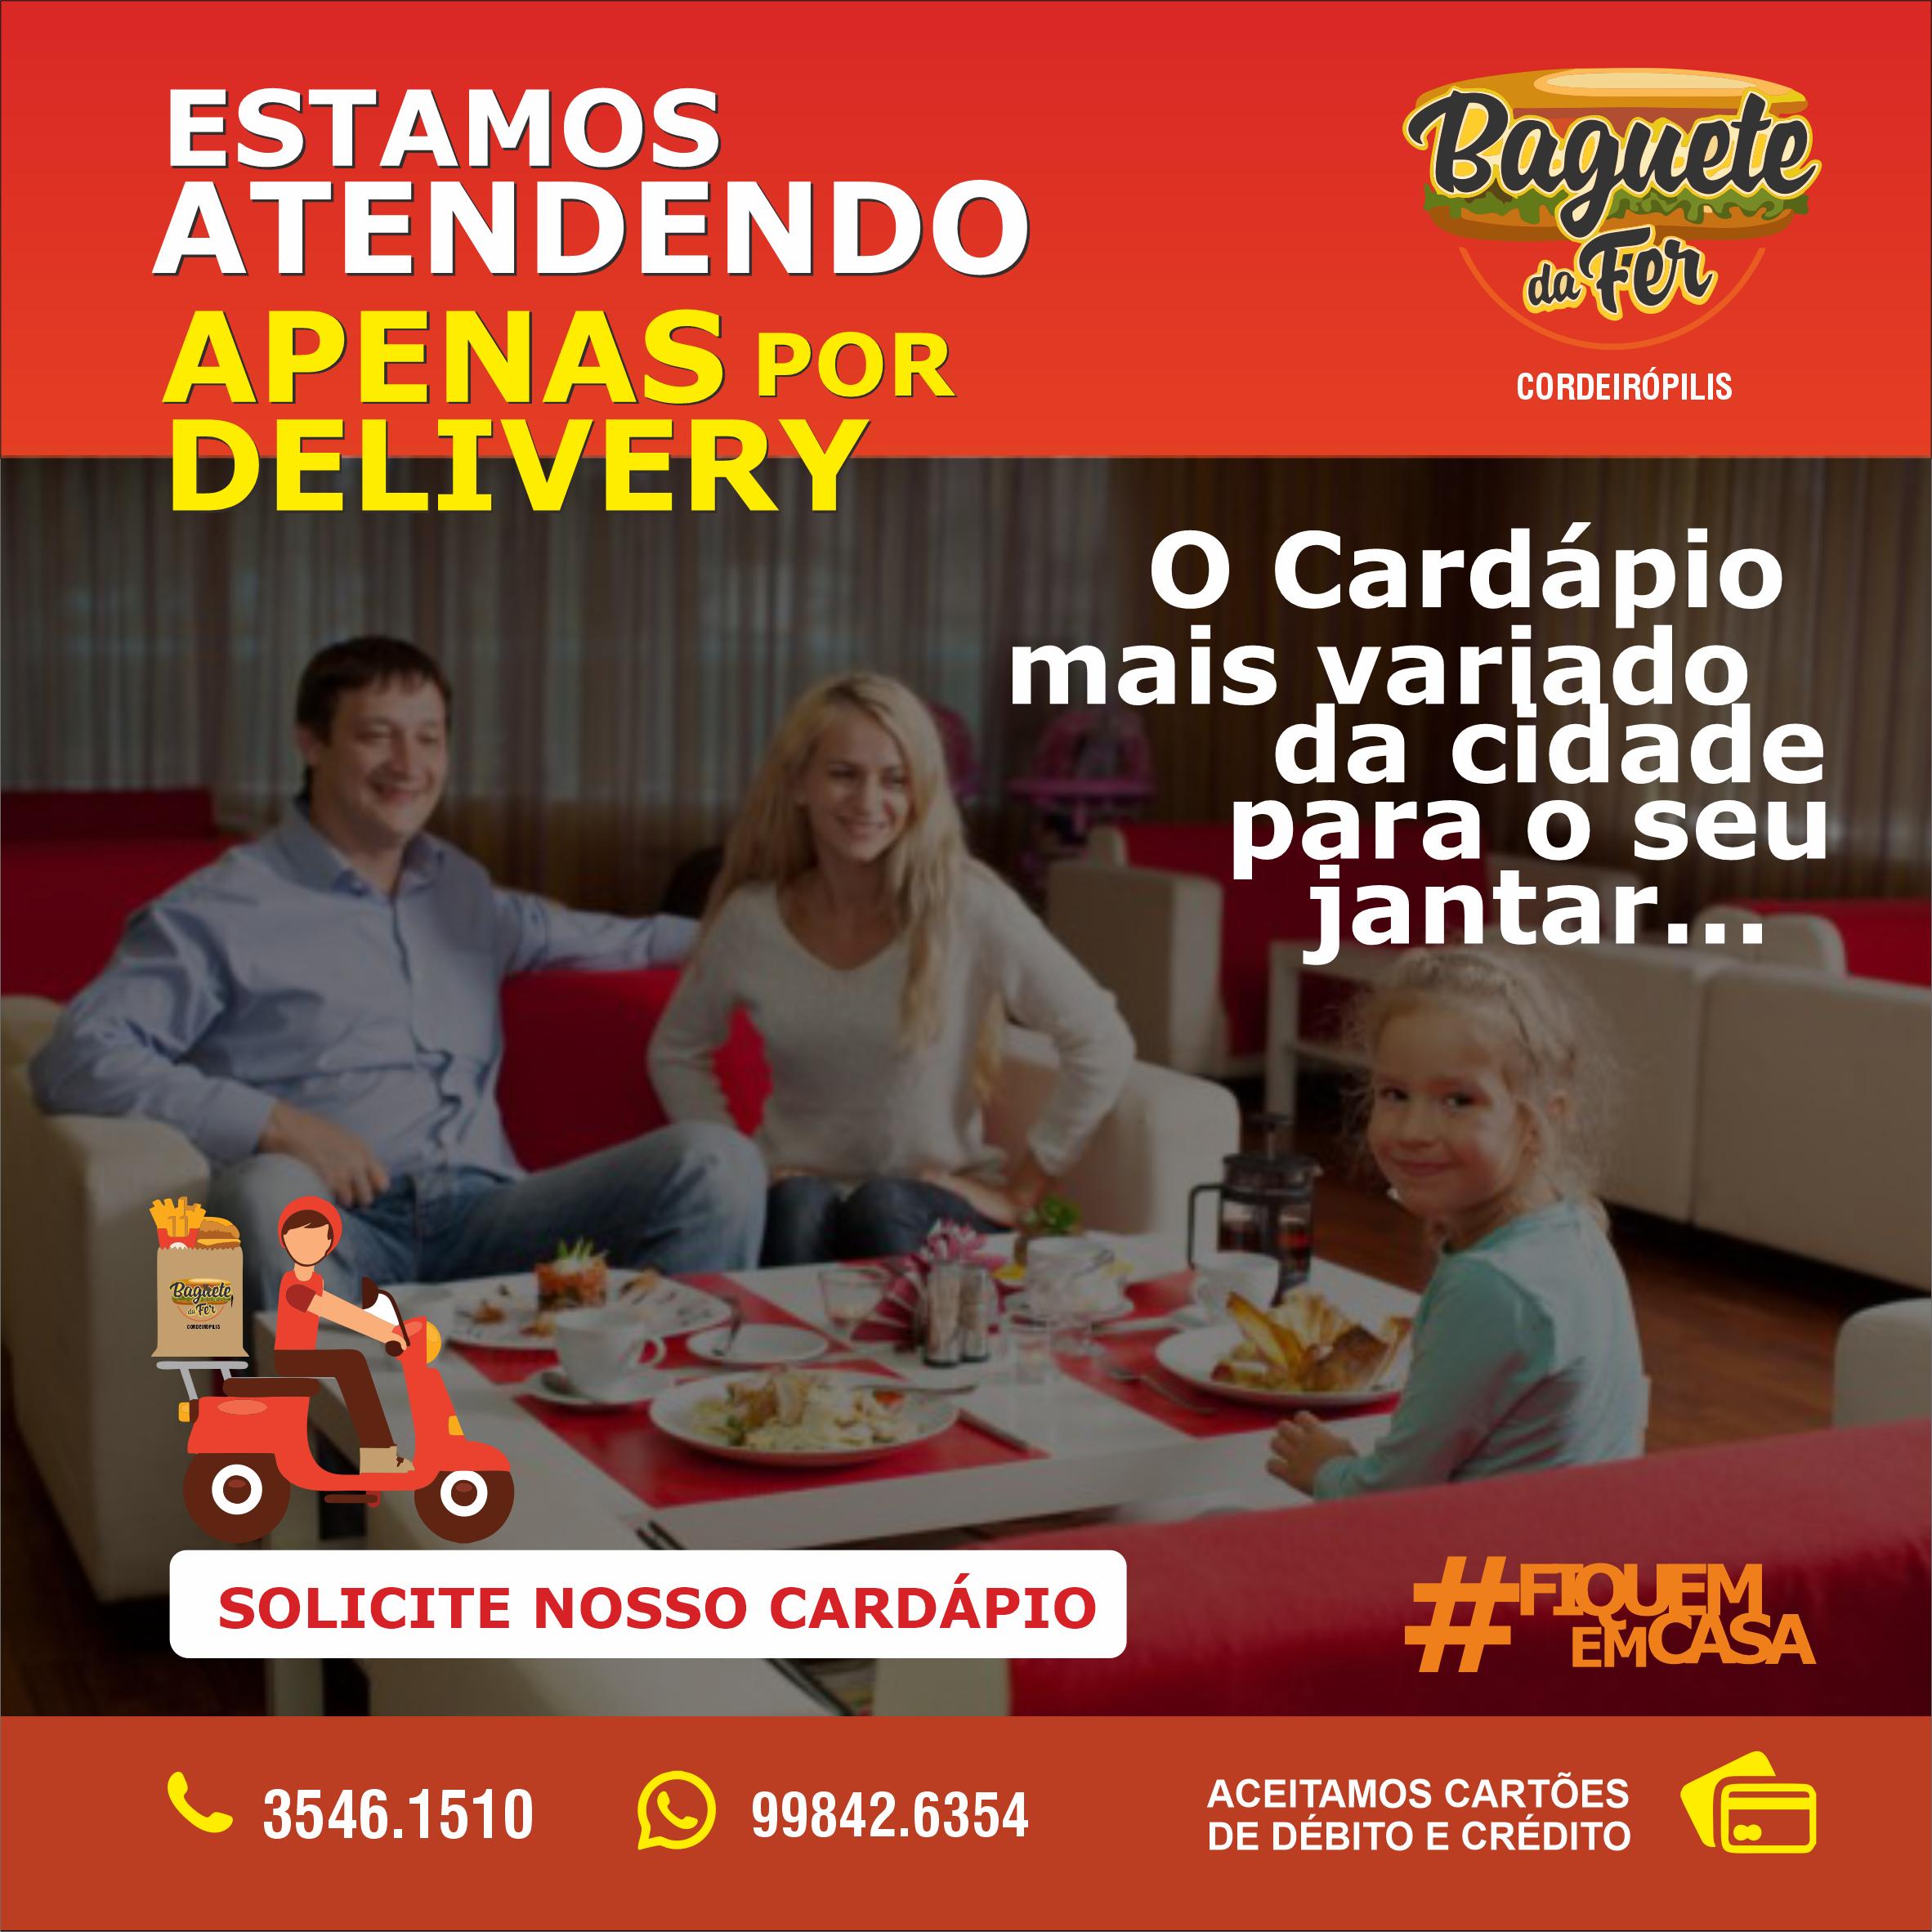 Propaganda Cardápio para Jantar de Lanchonete e Bagueteria